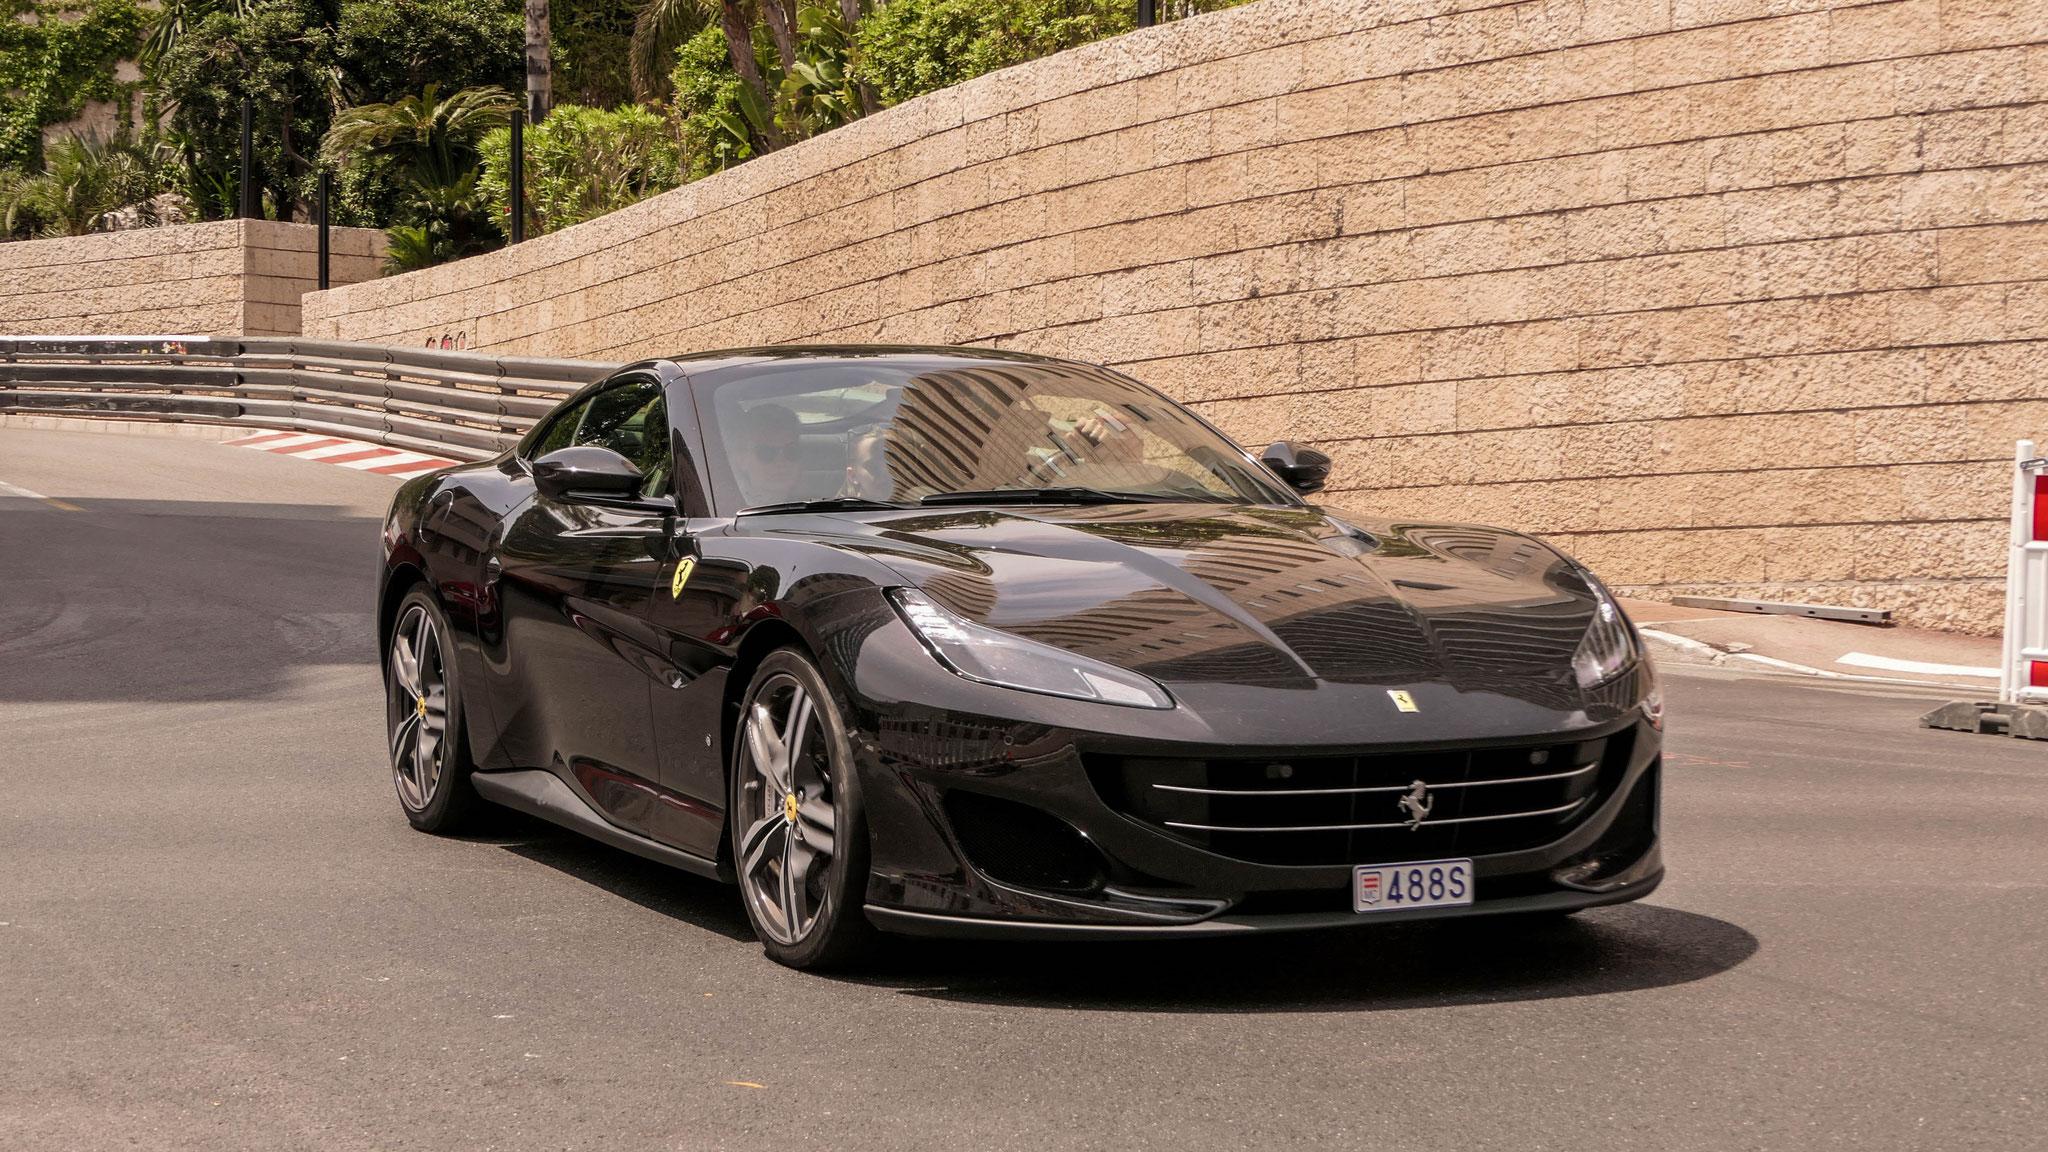 Ferrari Portofino - 488S (MC)